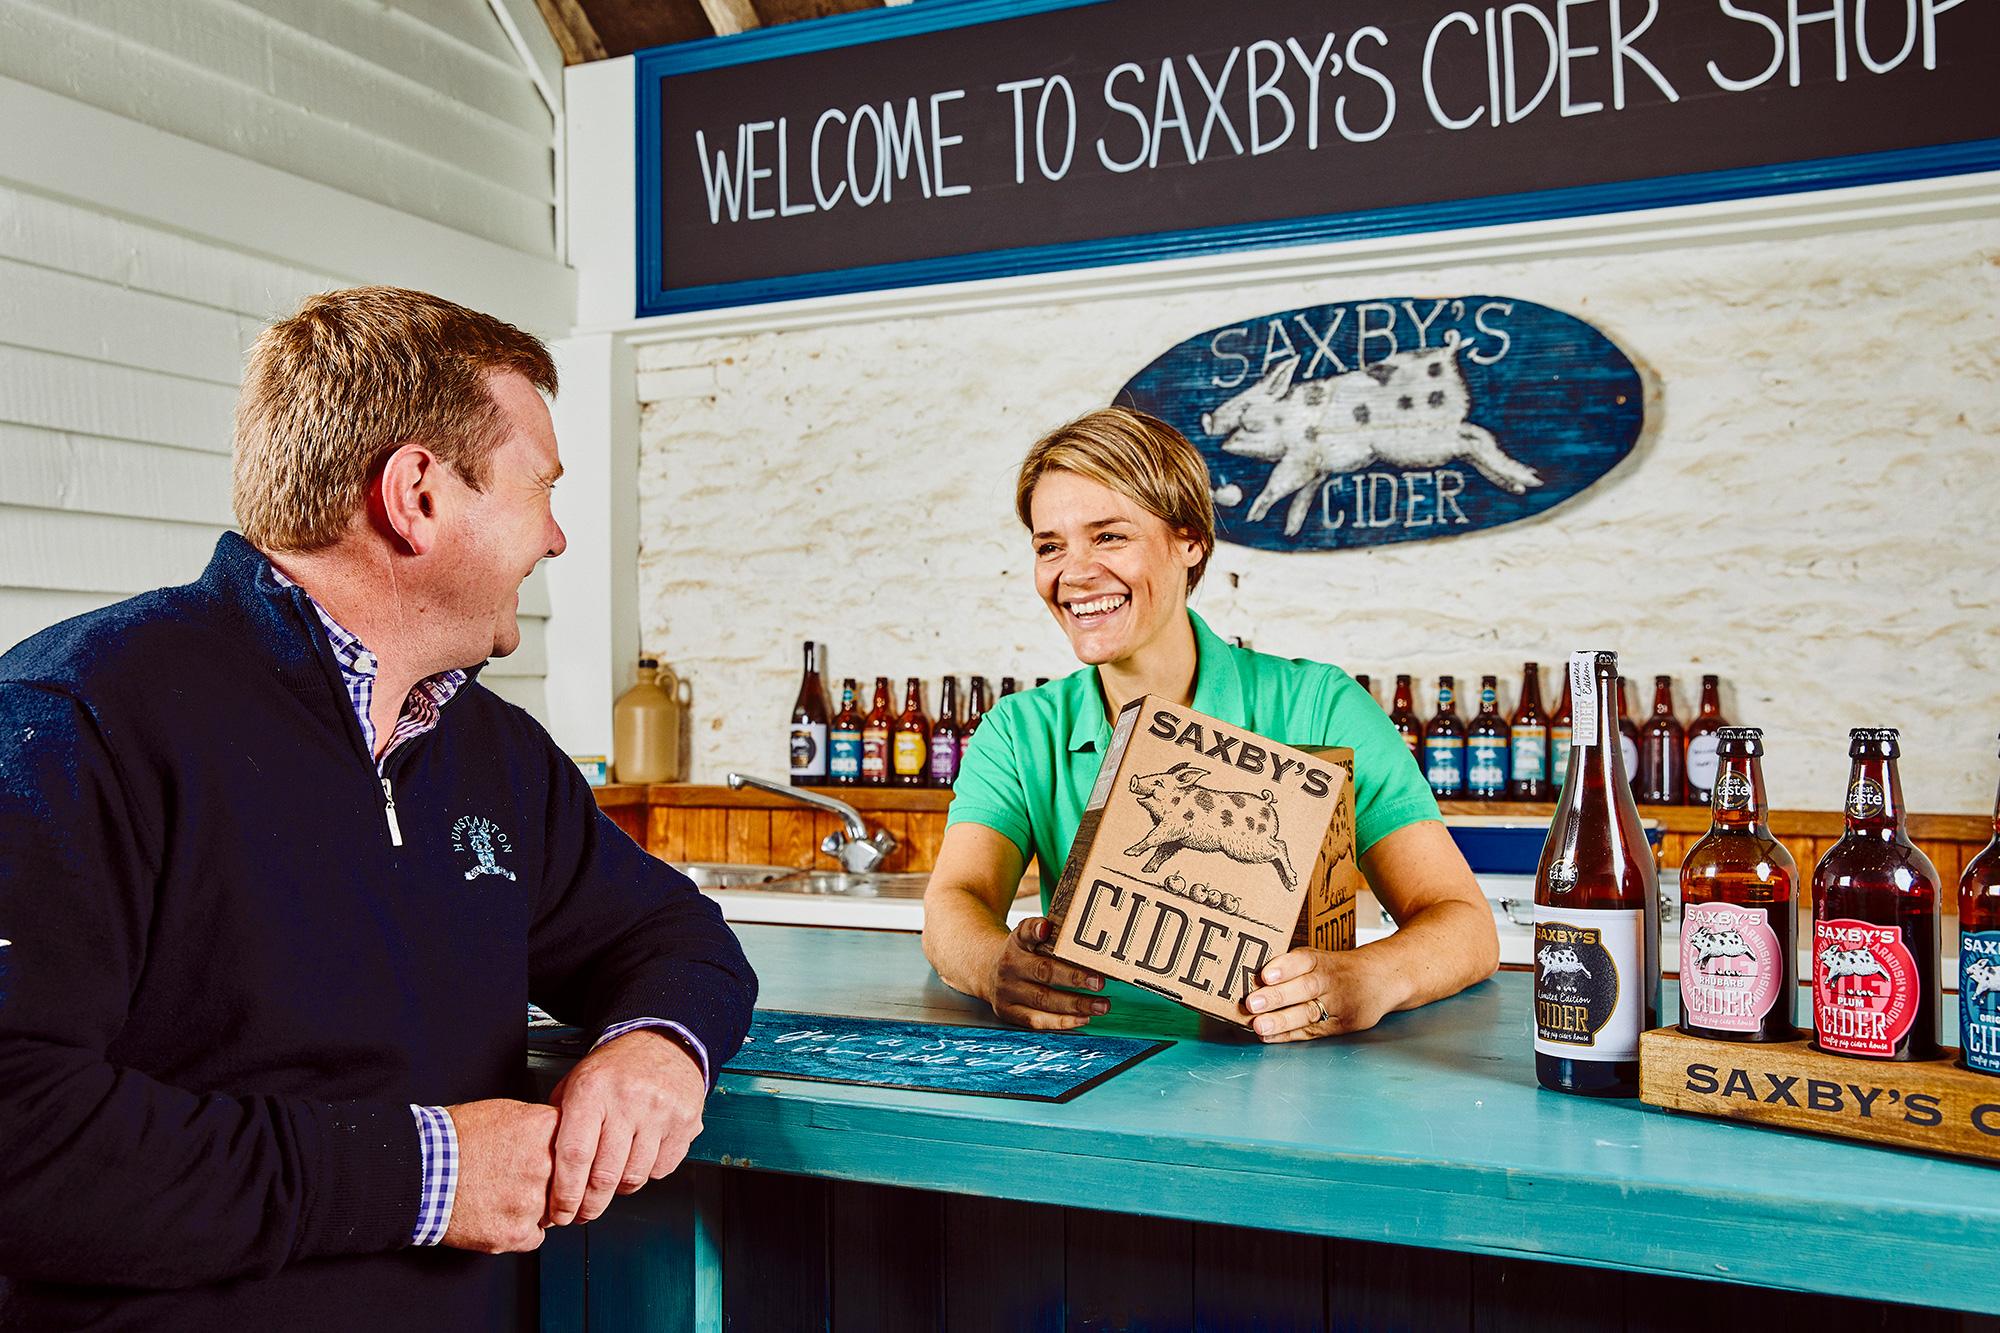 saxbys-cider-farm-shop-6.jpg